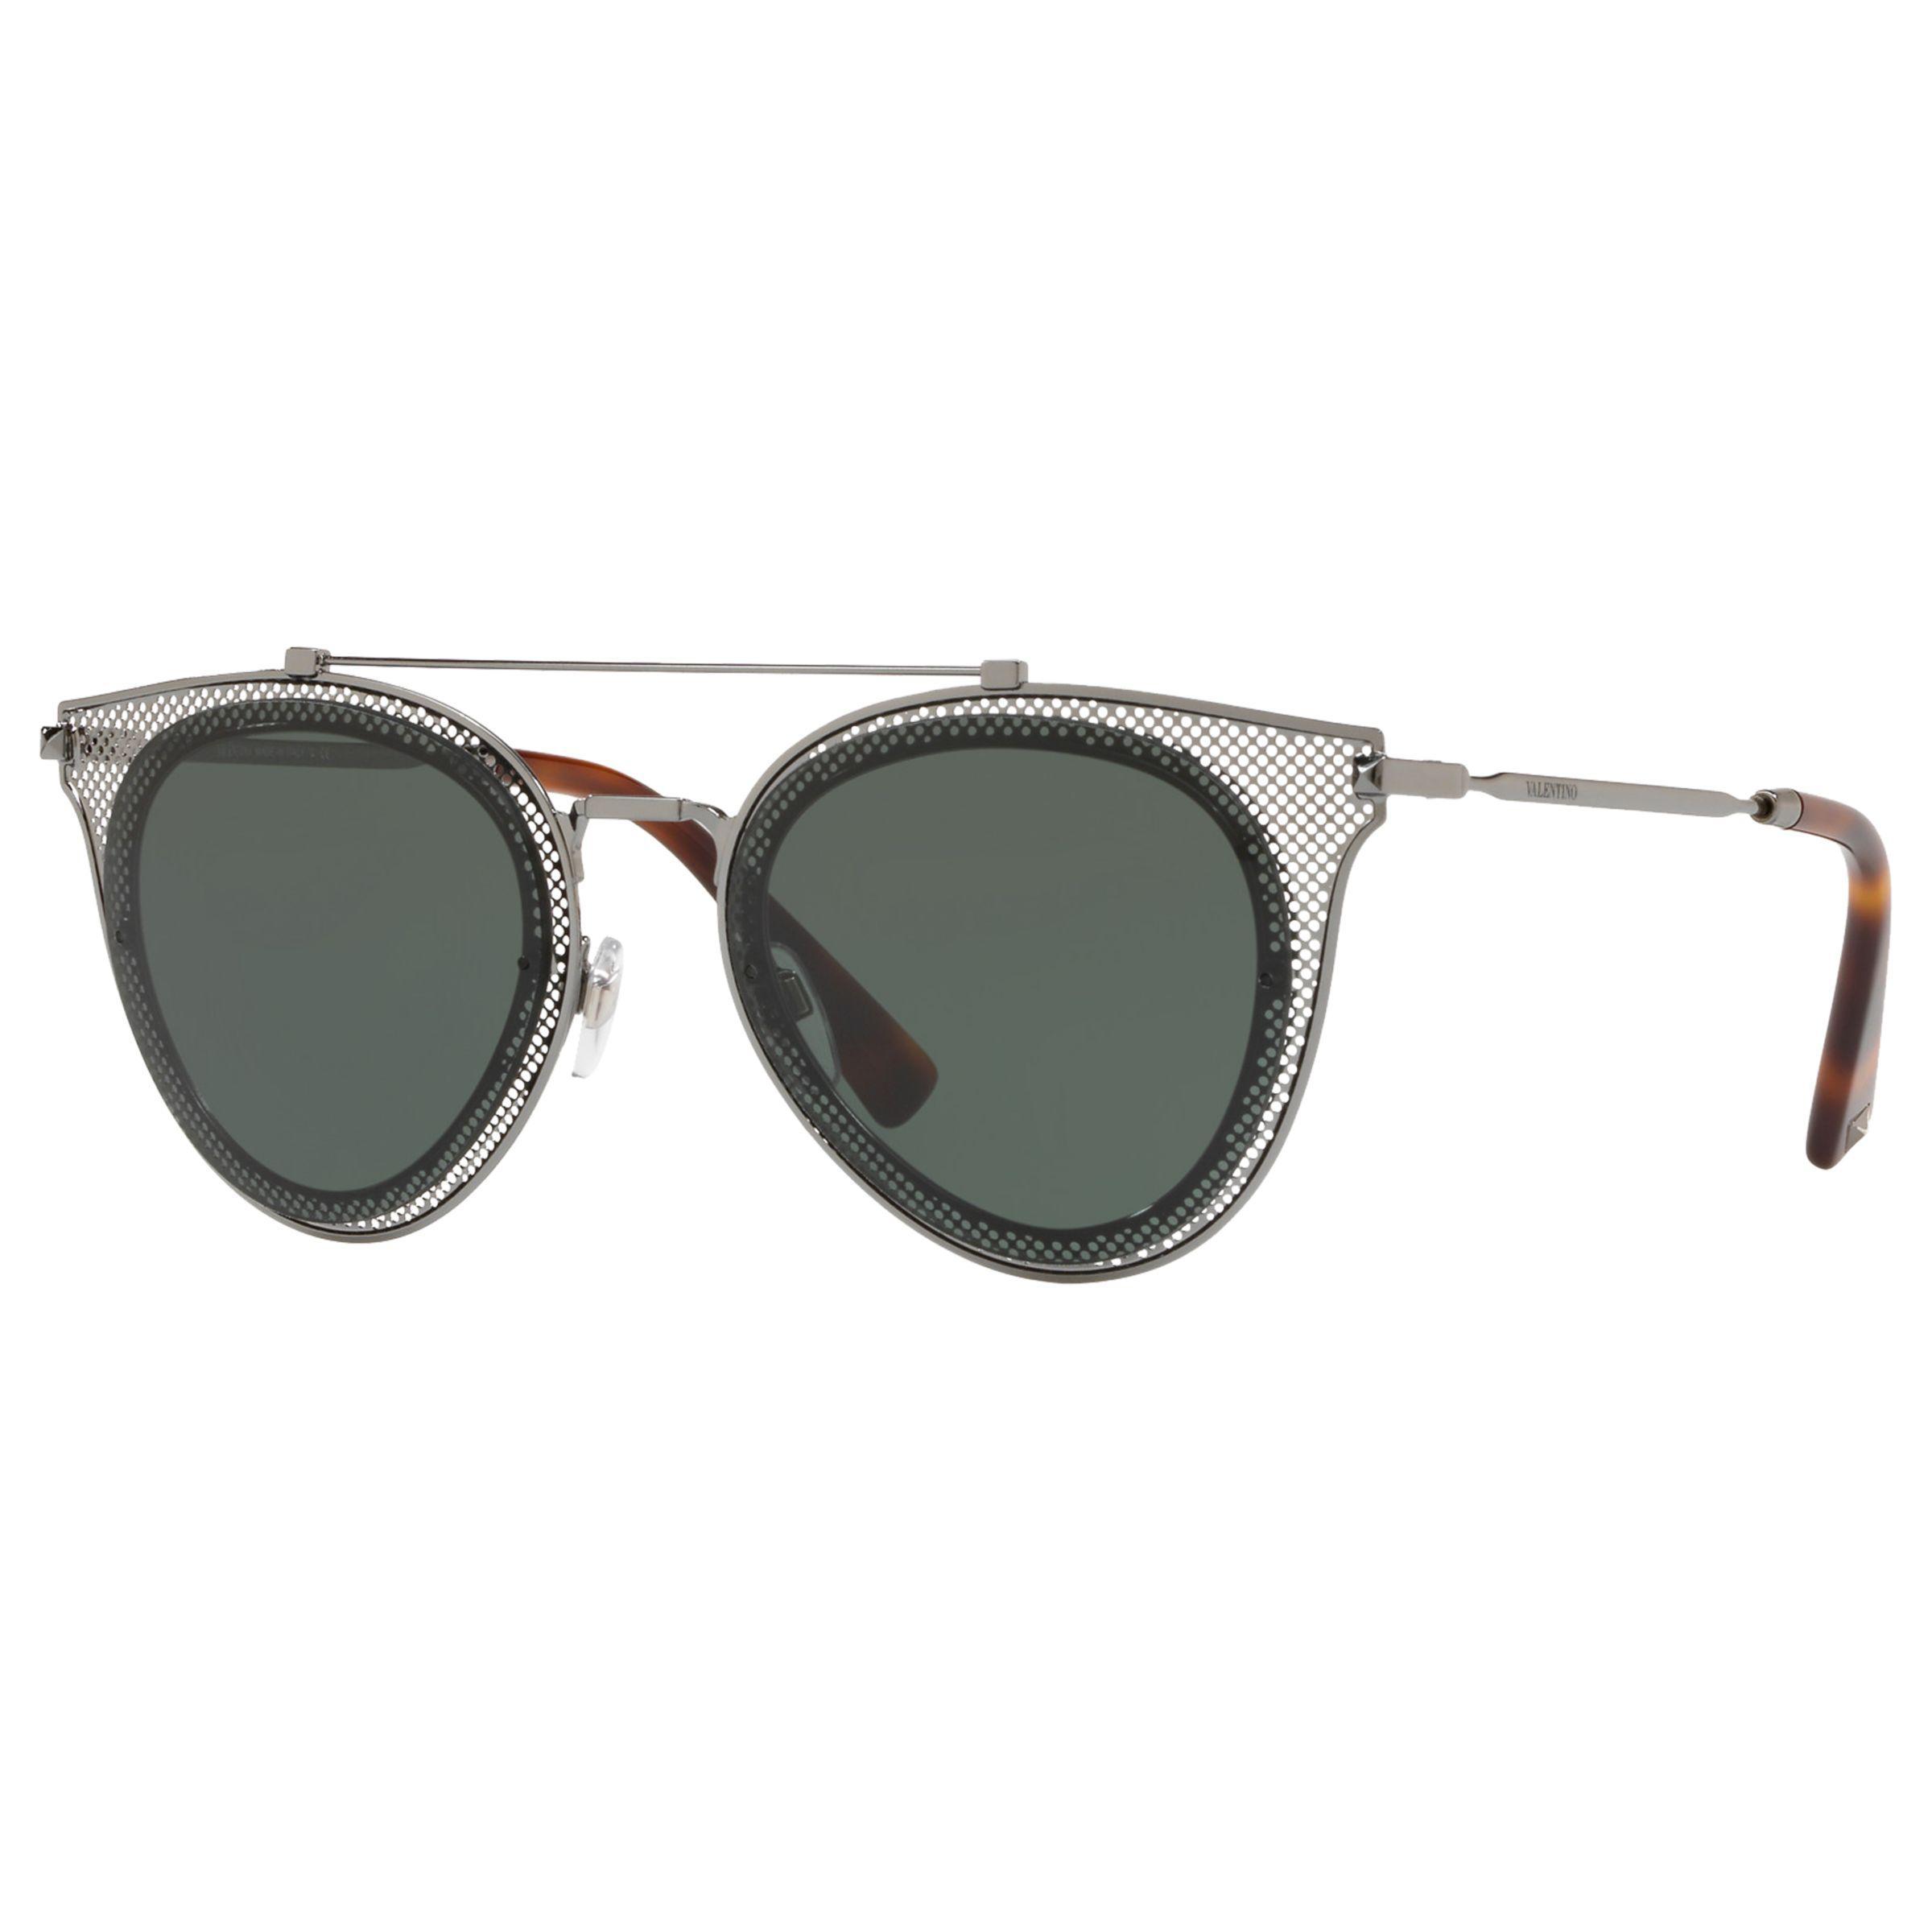 c7090e5bb5d59 Valentino Va2019 Round Sunglasses - Lyst